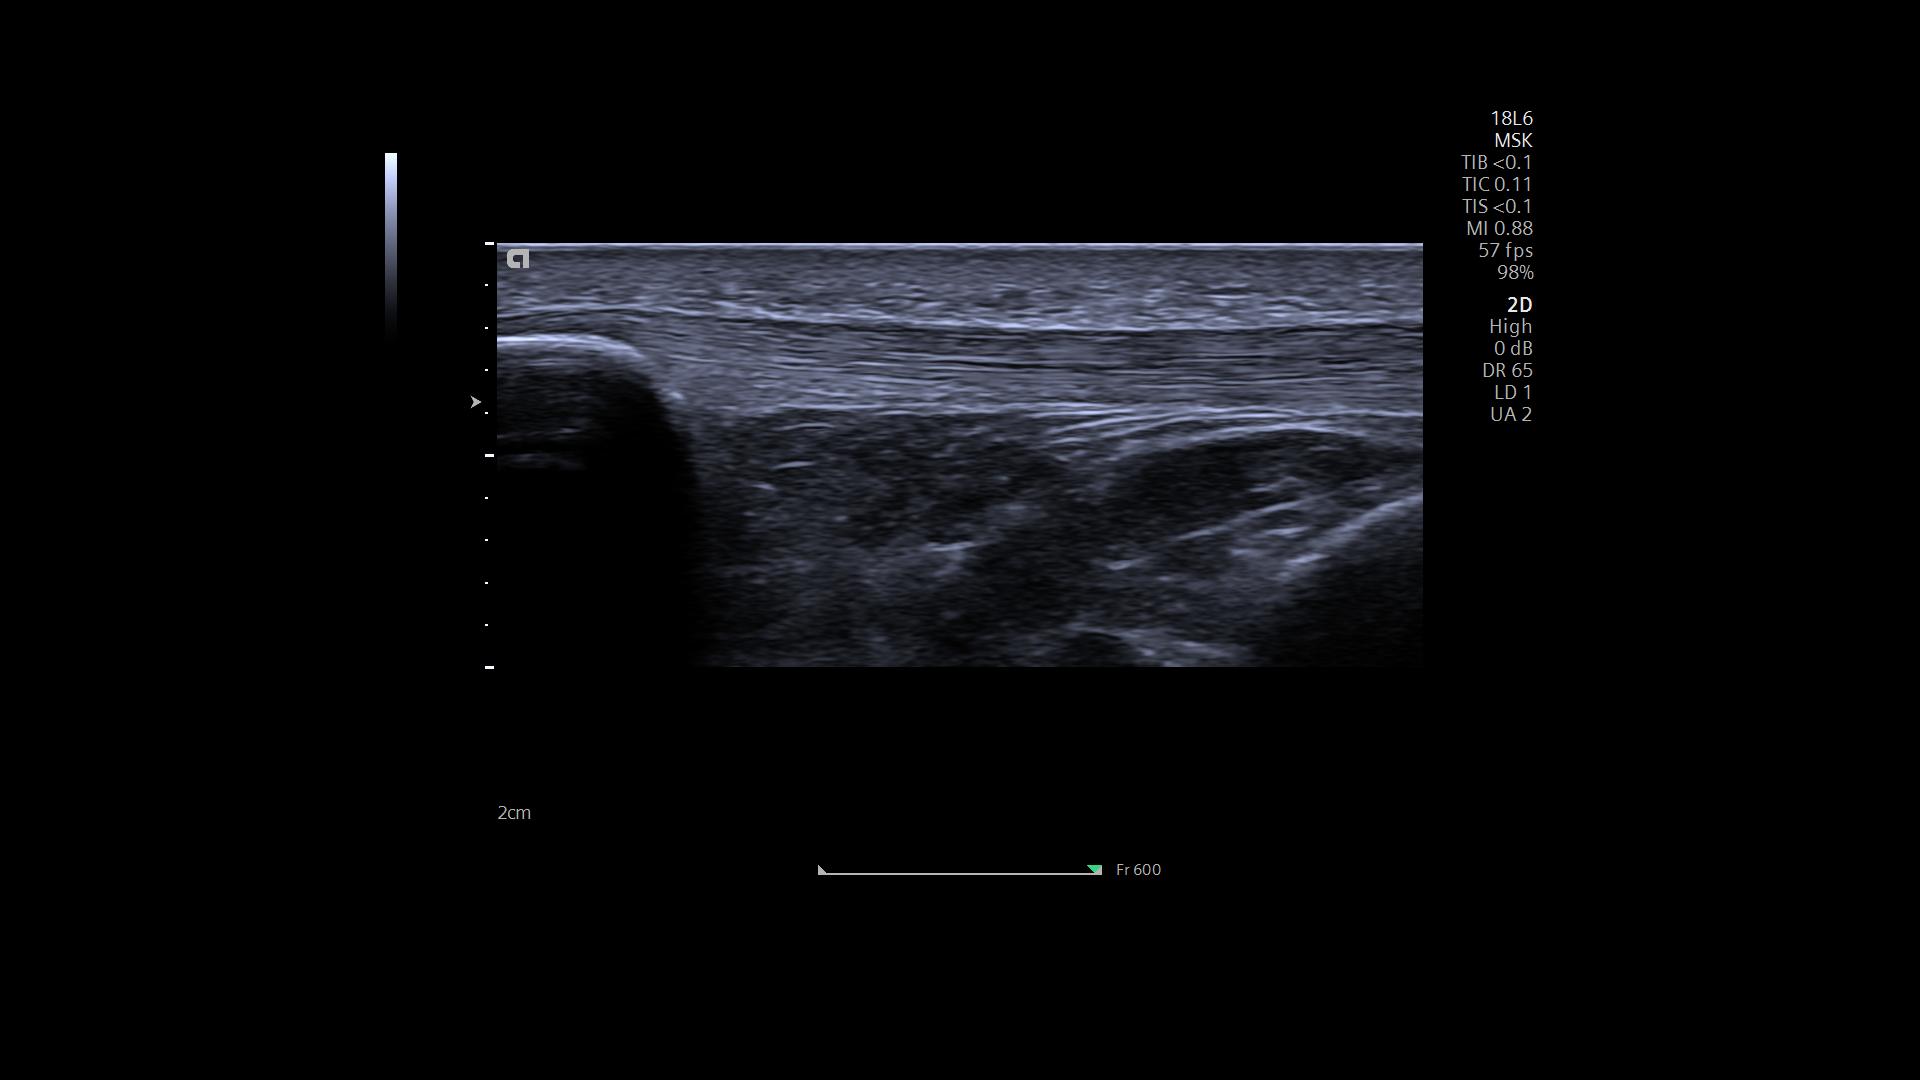 acuson redwood - clinical use - msk